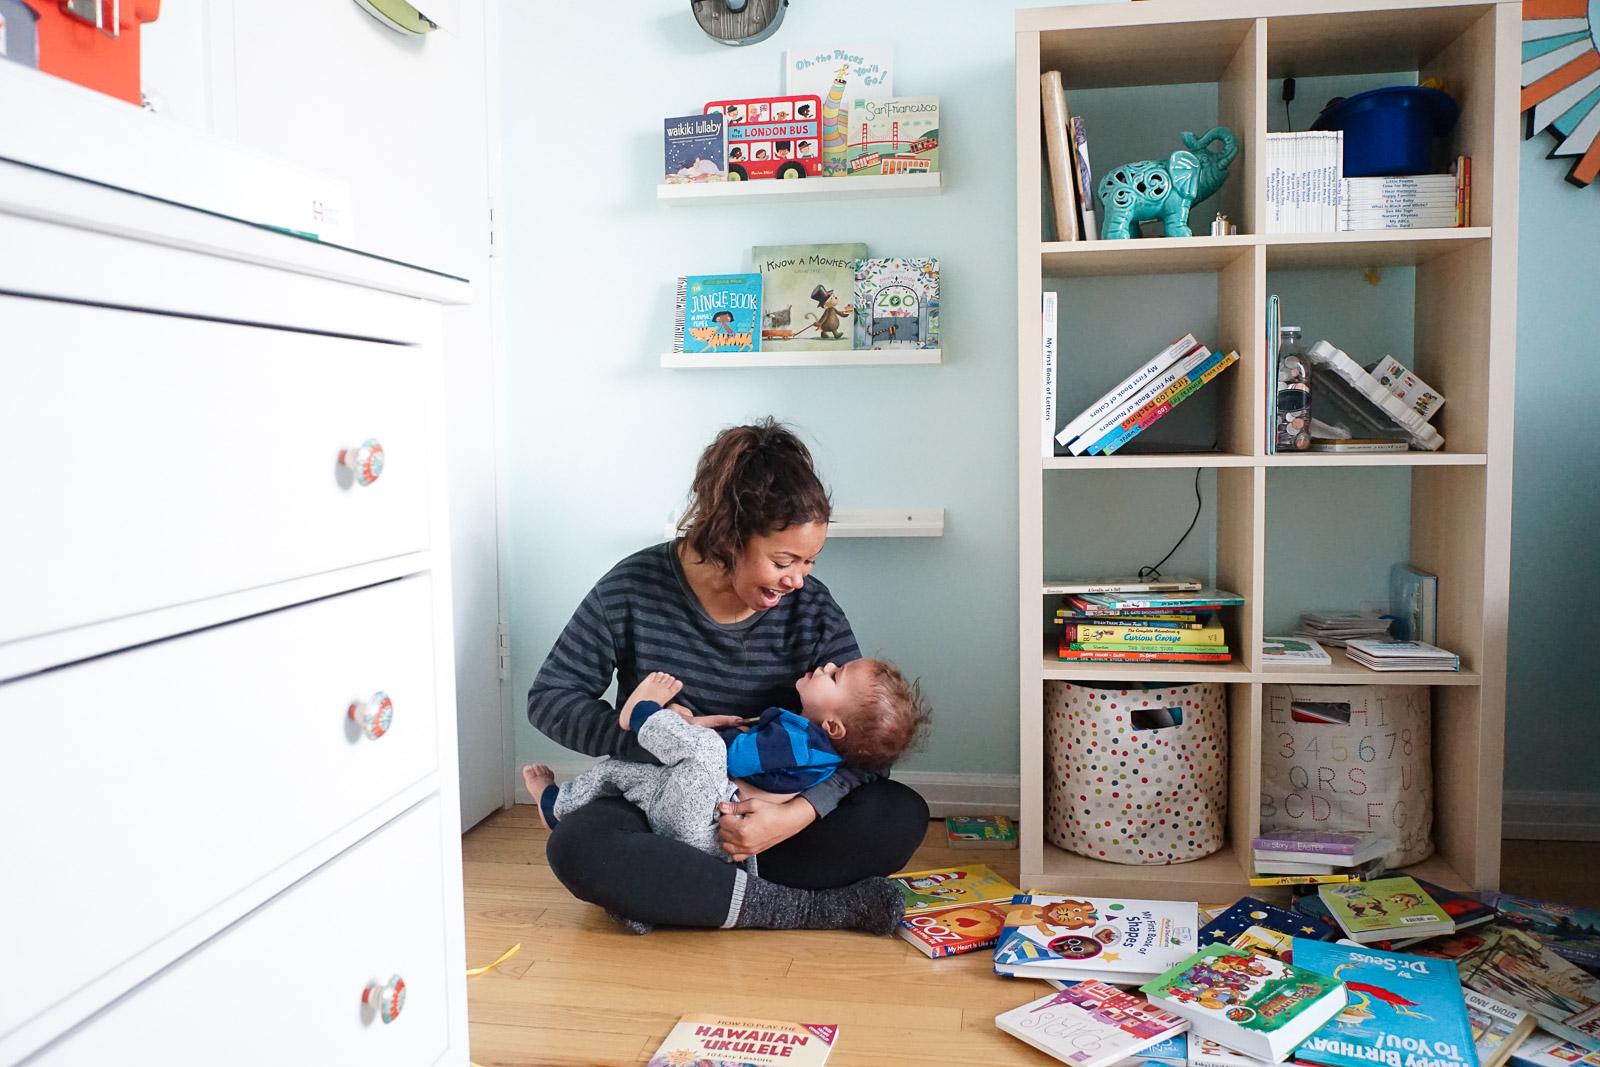 nursery-room_toddler-books_DIY_-book-display-21.jpg